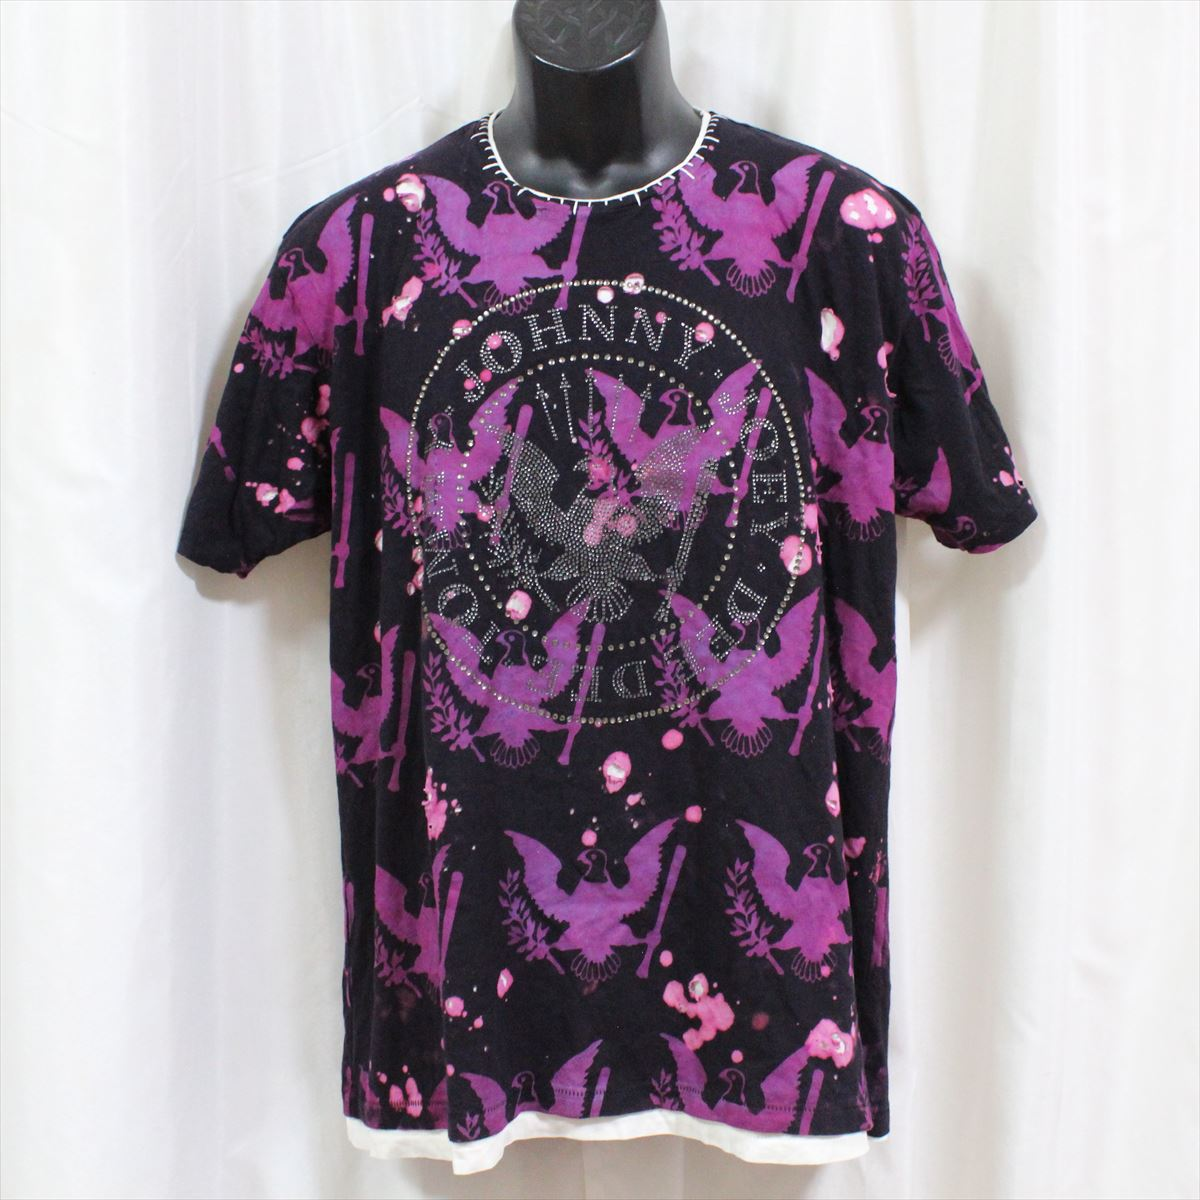 【送料無料】サディスティックアクション SADISTIC ACTION アイコニック ICONIC COUTURE メンズ半袖Tシャツ ラモーンズ 新品 アメリカ製